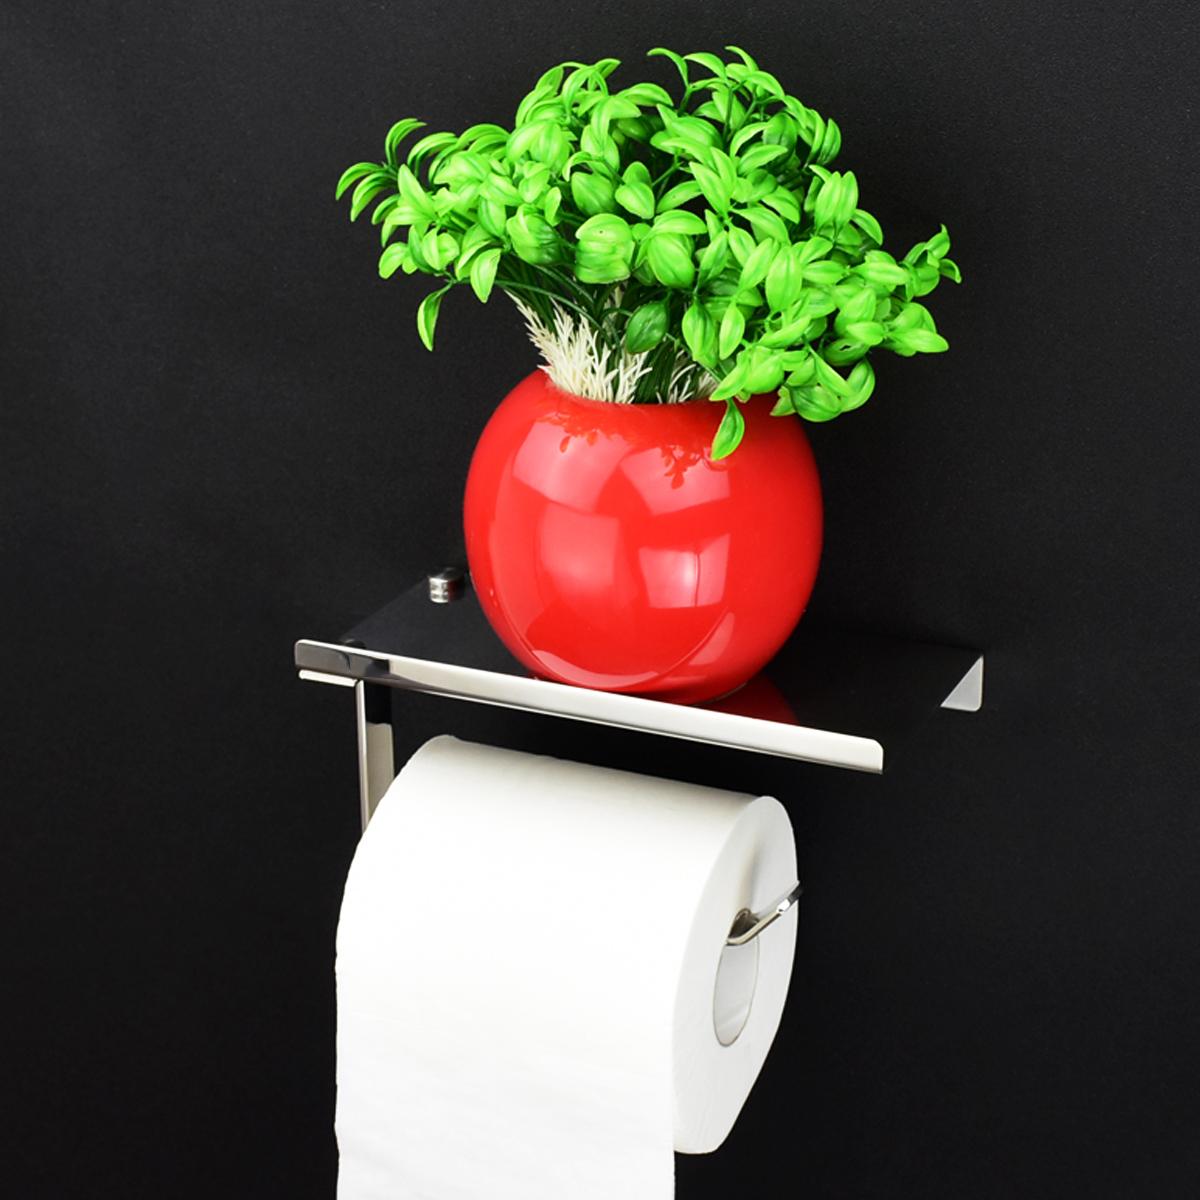 Panneaux Stratifies Salle De Bain Leroy Merlin ~ tempsa toilette porte papier hygi nique support de t l phone de